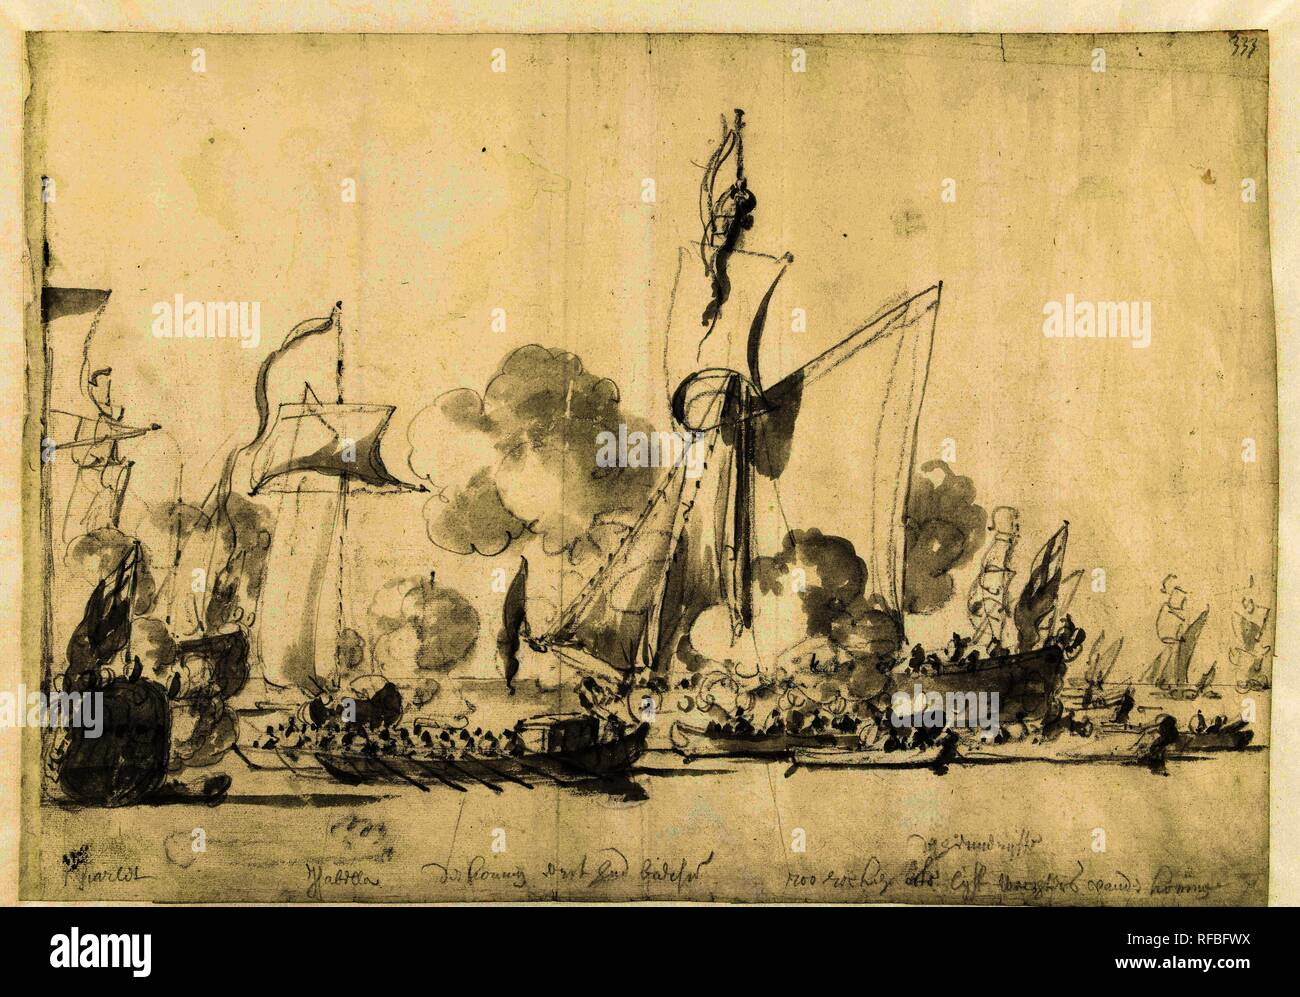 El viaje desde el rey inglés Carlos II sobre el Támesis a Sheerness y Chatham el 27 de agosto de 1681. Ponente: Willem van de Velde (I). Dating: 27-ago-1681 - 31-Dic-1681. Mediciones: h 305 mm × W 435 mm. Museo: Rijksmuseum, Amsterdam. Imagen De Stock